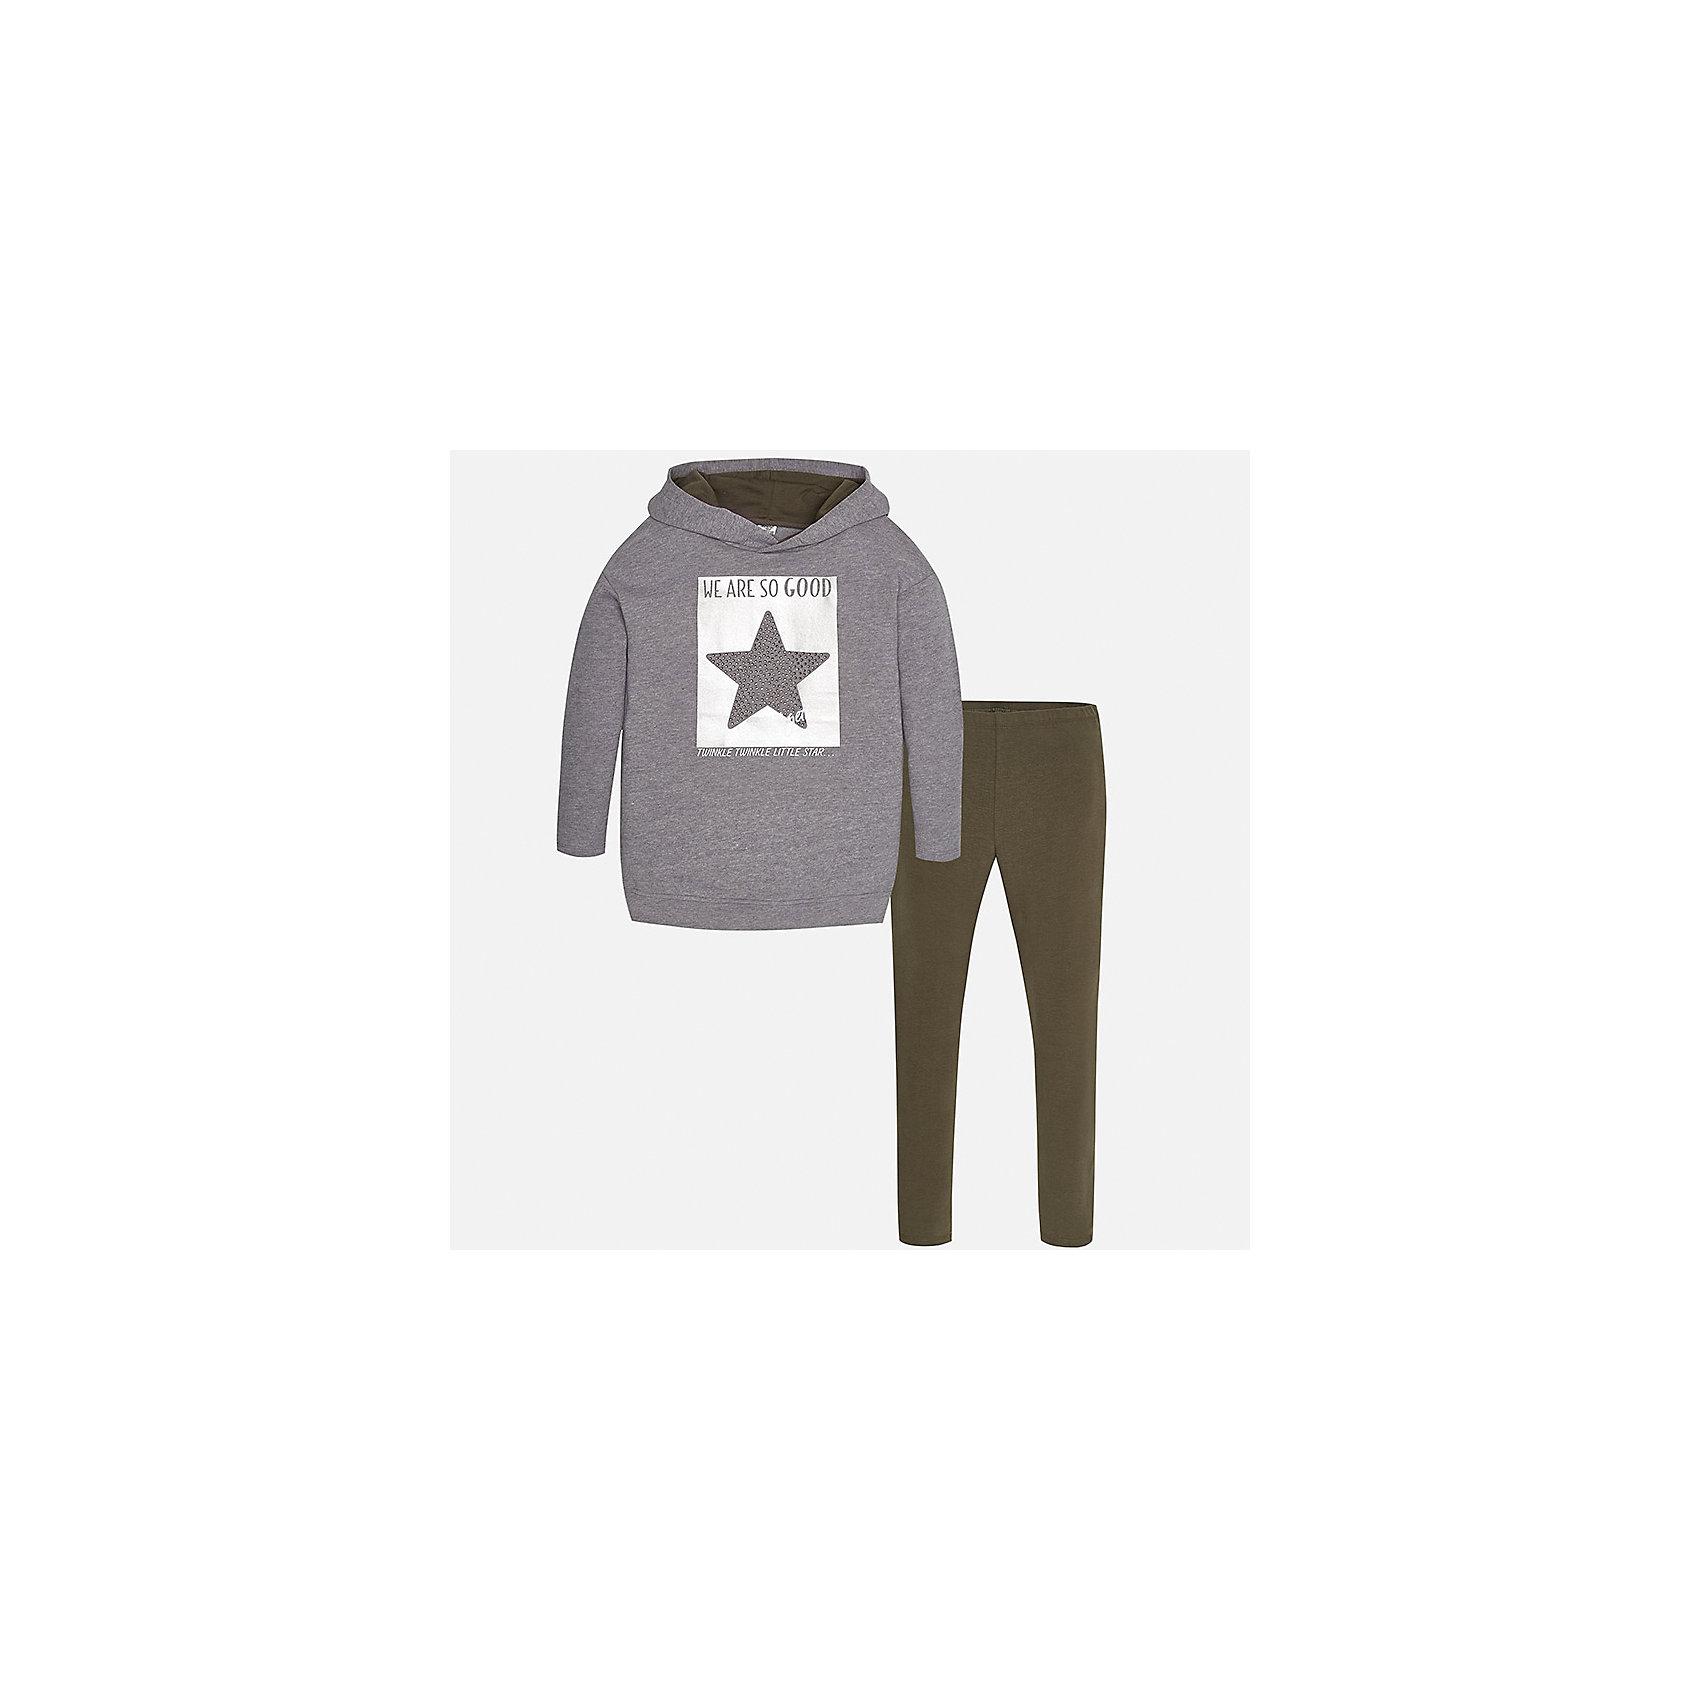 Комплект: блузка и леггинсы для девочки MayoralКомплекты<br>Характеристики товара:<br><br>• цвет: зеленый/серый<br>• состав ткани: толстовка - 65% полиэстер, 35% хлопок, леггинсы - 95% хлопок, 5% эластан<br>• комплектация: толстовка и леггинсы<br>• сезон: демисезон<br>• особенности модели: принт со стразами, капюшон<br>• пояс: резинка<br>• длинные рукава<br>• страна бренда: Испания<br>• страна изготовитель: Индия<br><br>Толстовка с капюшоном и леггинсы для девочки отлично сочетаются между собой, а также с другими вещами. Такой практичный и модный детский комплект из толстовки и леггинсов для девочки подойдет для ношения в разных случаях. Детские леггинсы сшиты из приятного на ощупь материала. Толстовка для девочки Mayoral удобно сидит по фигуре. <br><br>Комплект: толстовка и леггинсы для девочкиMayoral (Майорал) можно купить в нашем интернет-магазине.<br><br>Ширина мм: 123<br>Глубина мм: 10<br>Высота мм: 149<br>Вес г: 209<br>Цвет: зеленый<br>Возраст от месяцев: 168<br>Возраст до месяцев: 180<br>Пол: Женский<br>Возраст: Детский<br>Размер: 170,128/134,140,152,158,164<br>SKU: 6945263